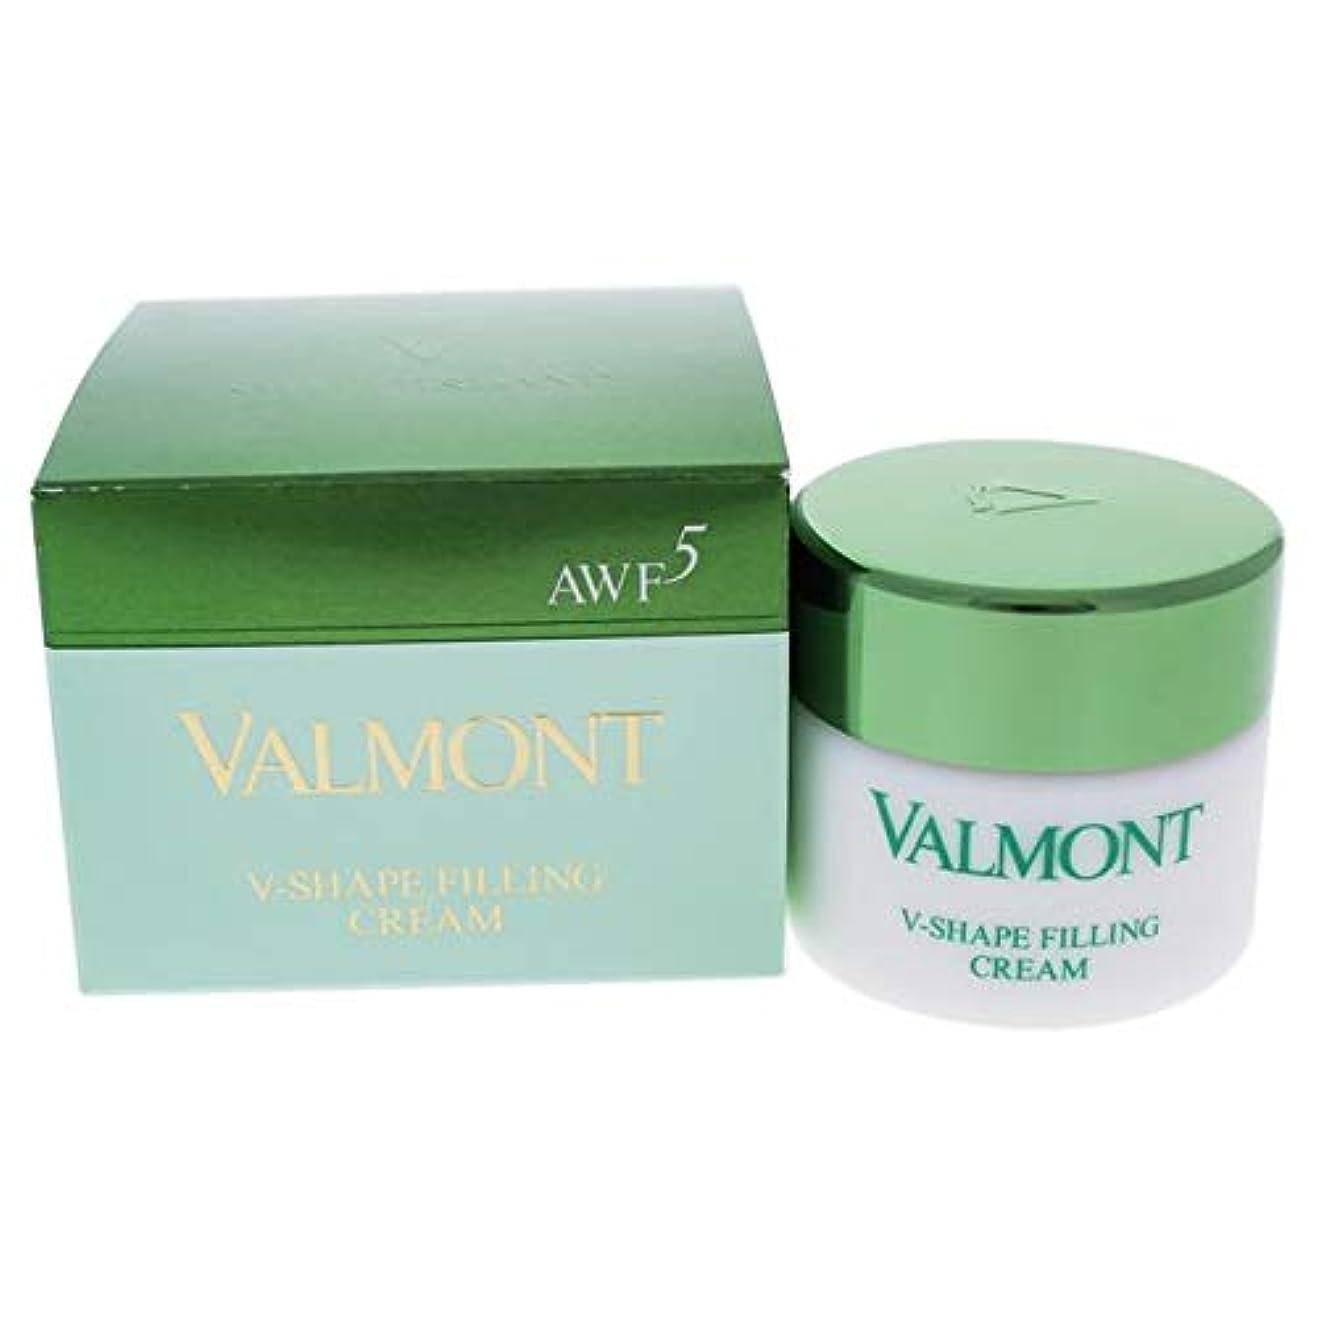 ヴァルモン AWF5 V-Shape Filling Cream 50ml/1.7oz並行輸入品